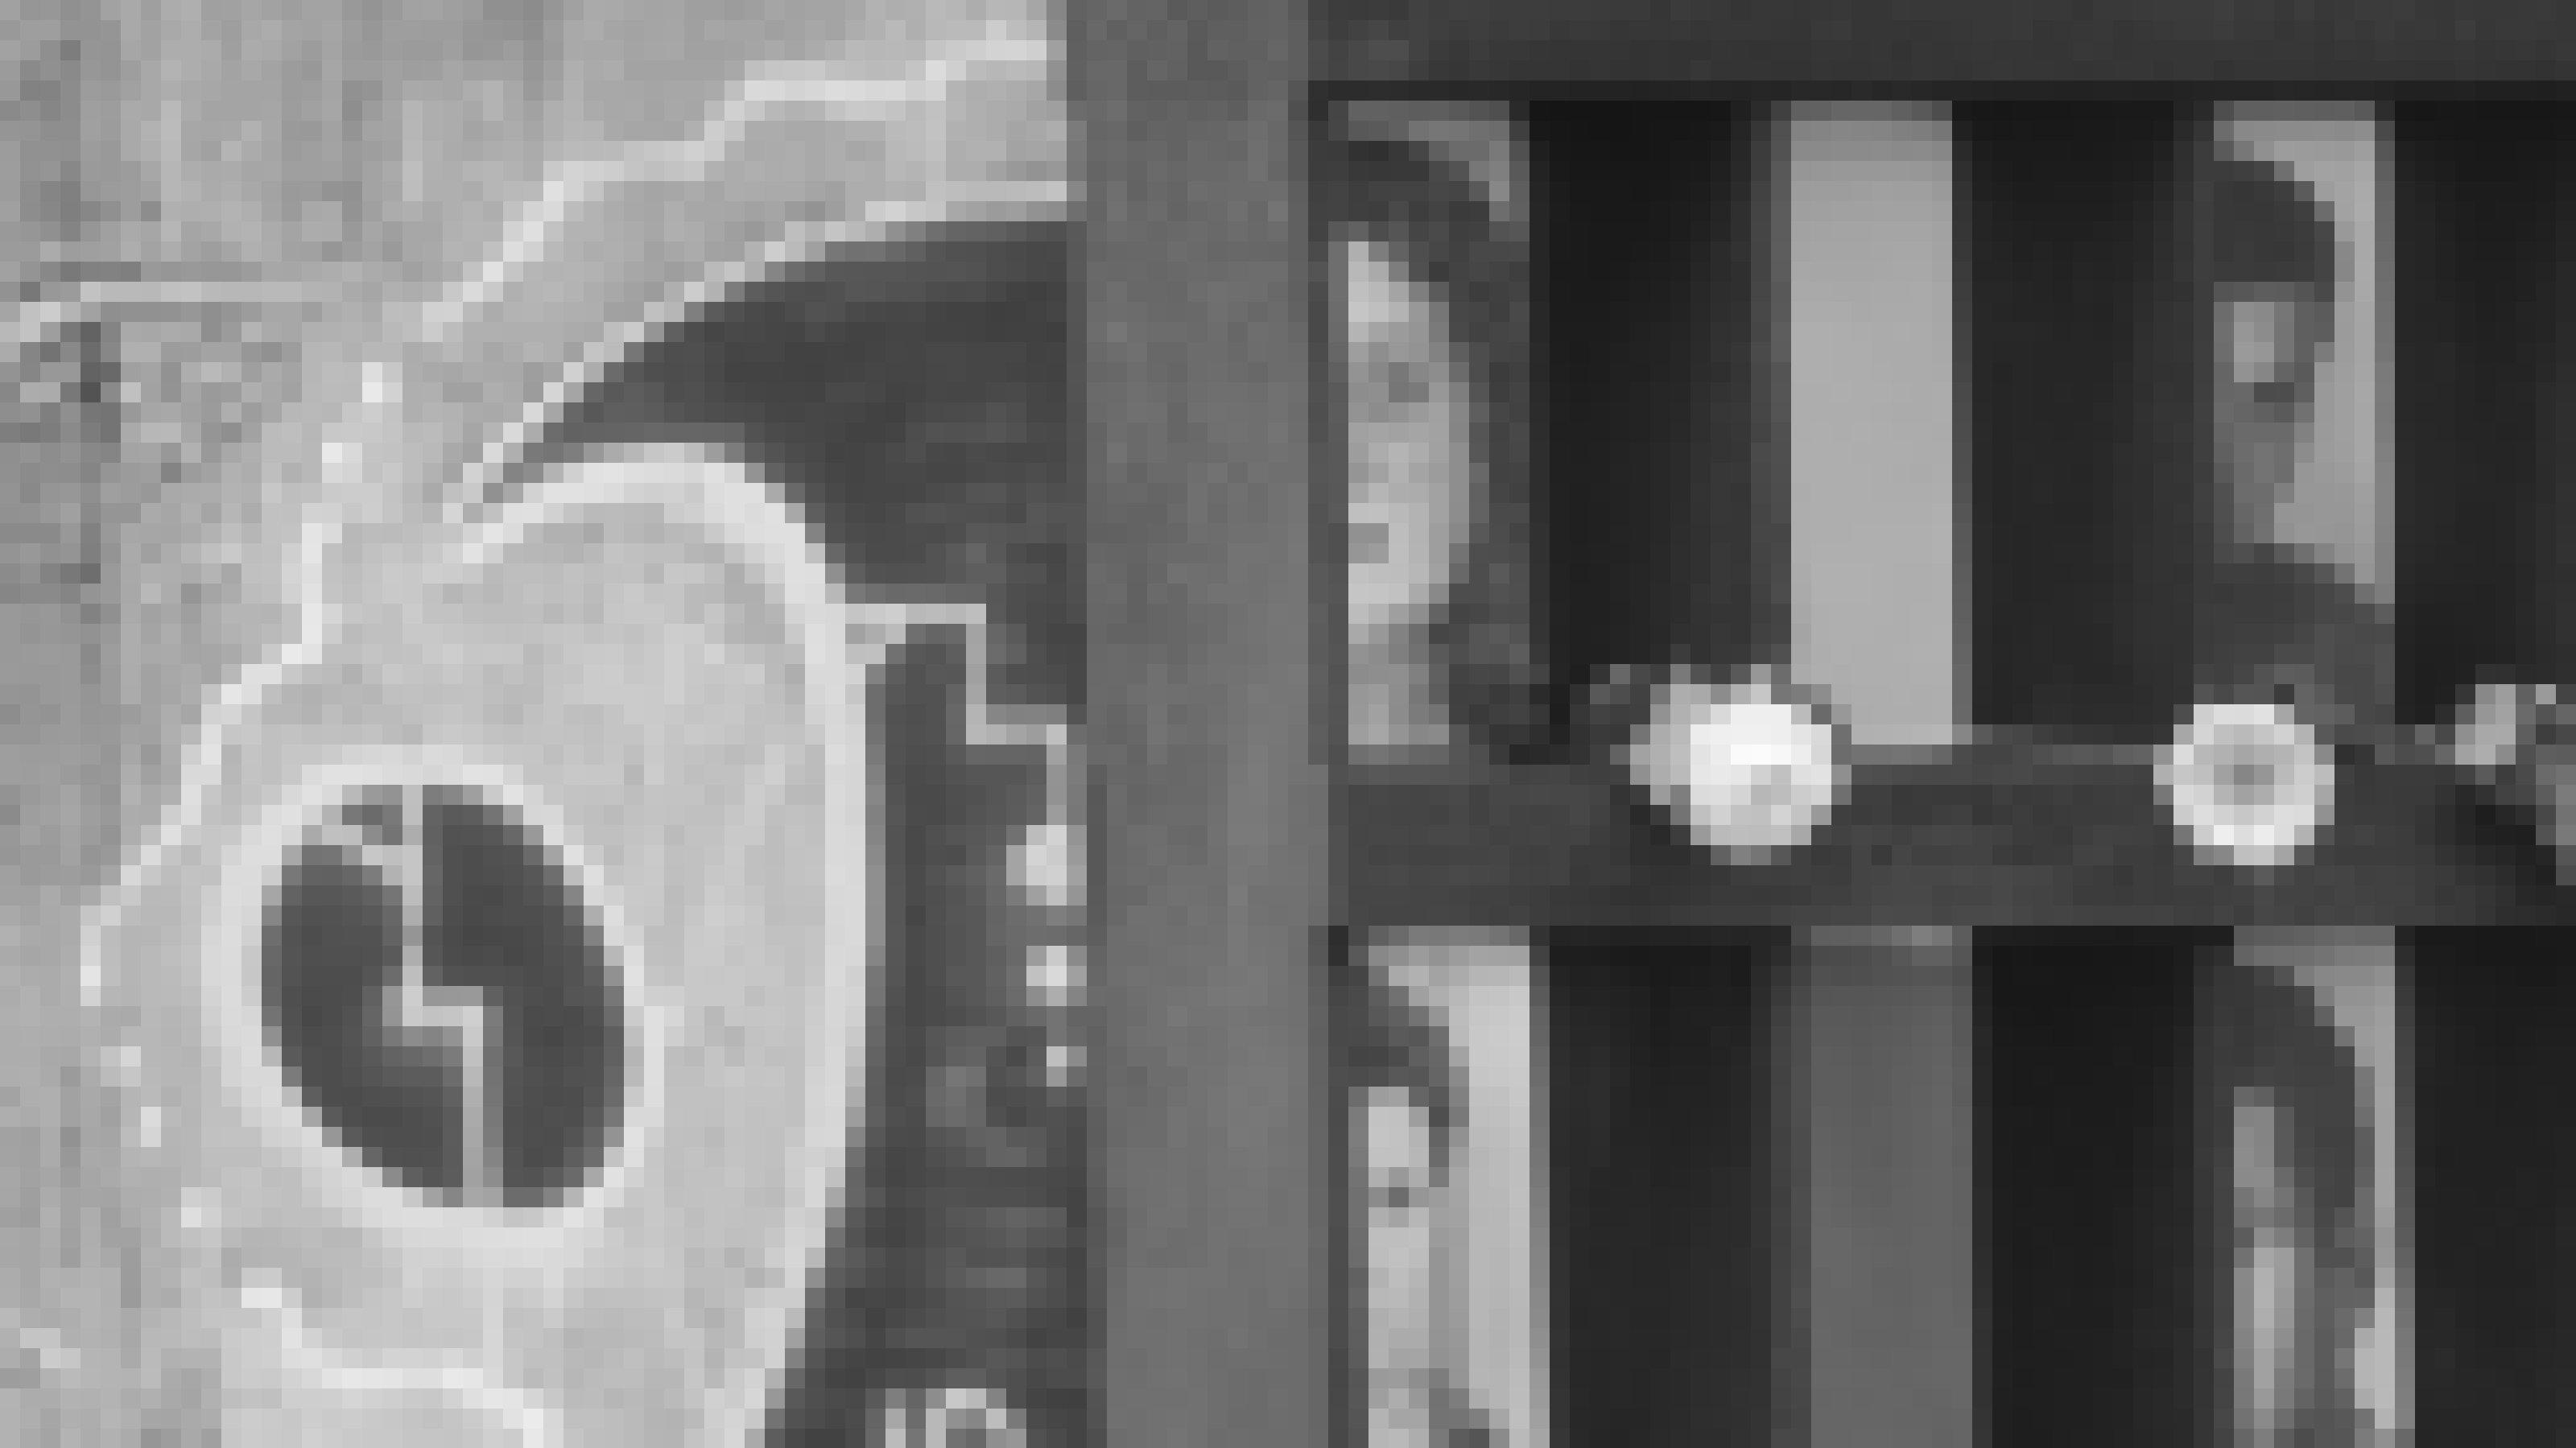 """Vor einem Abschnitt der ehemaligen Mauer an der Bernauer Straße sind in vier """"Fenstern des Gedenkens"""" – so der Name der Gedenkstelle – die fotografisch angeschnittenen Porträts von Maueropfern zu sehen. An zwei Fensterkreuzen sind Blumen befestigt."""